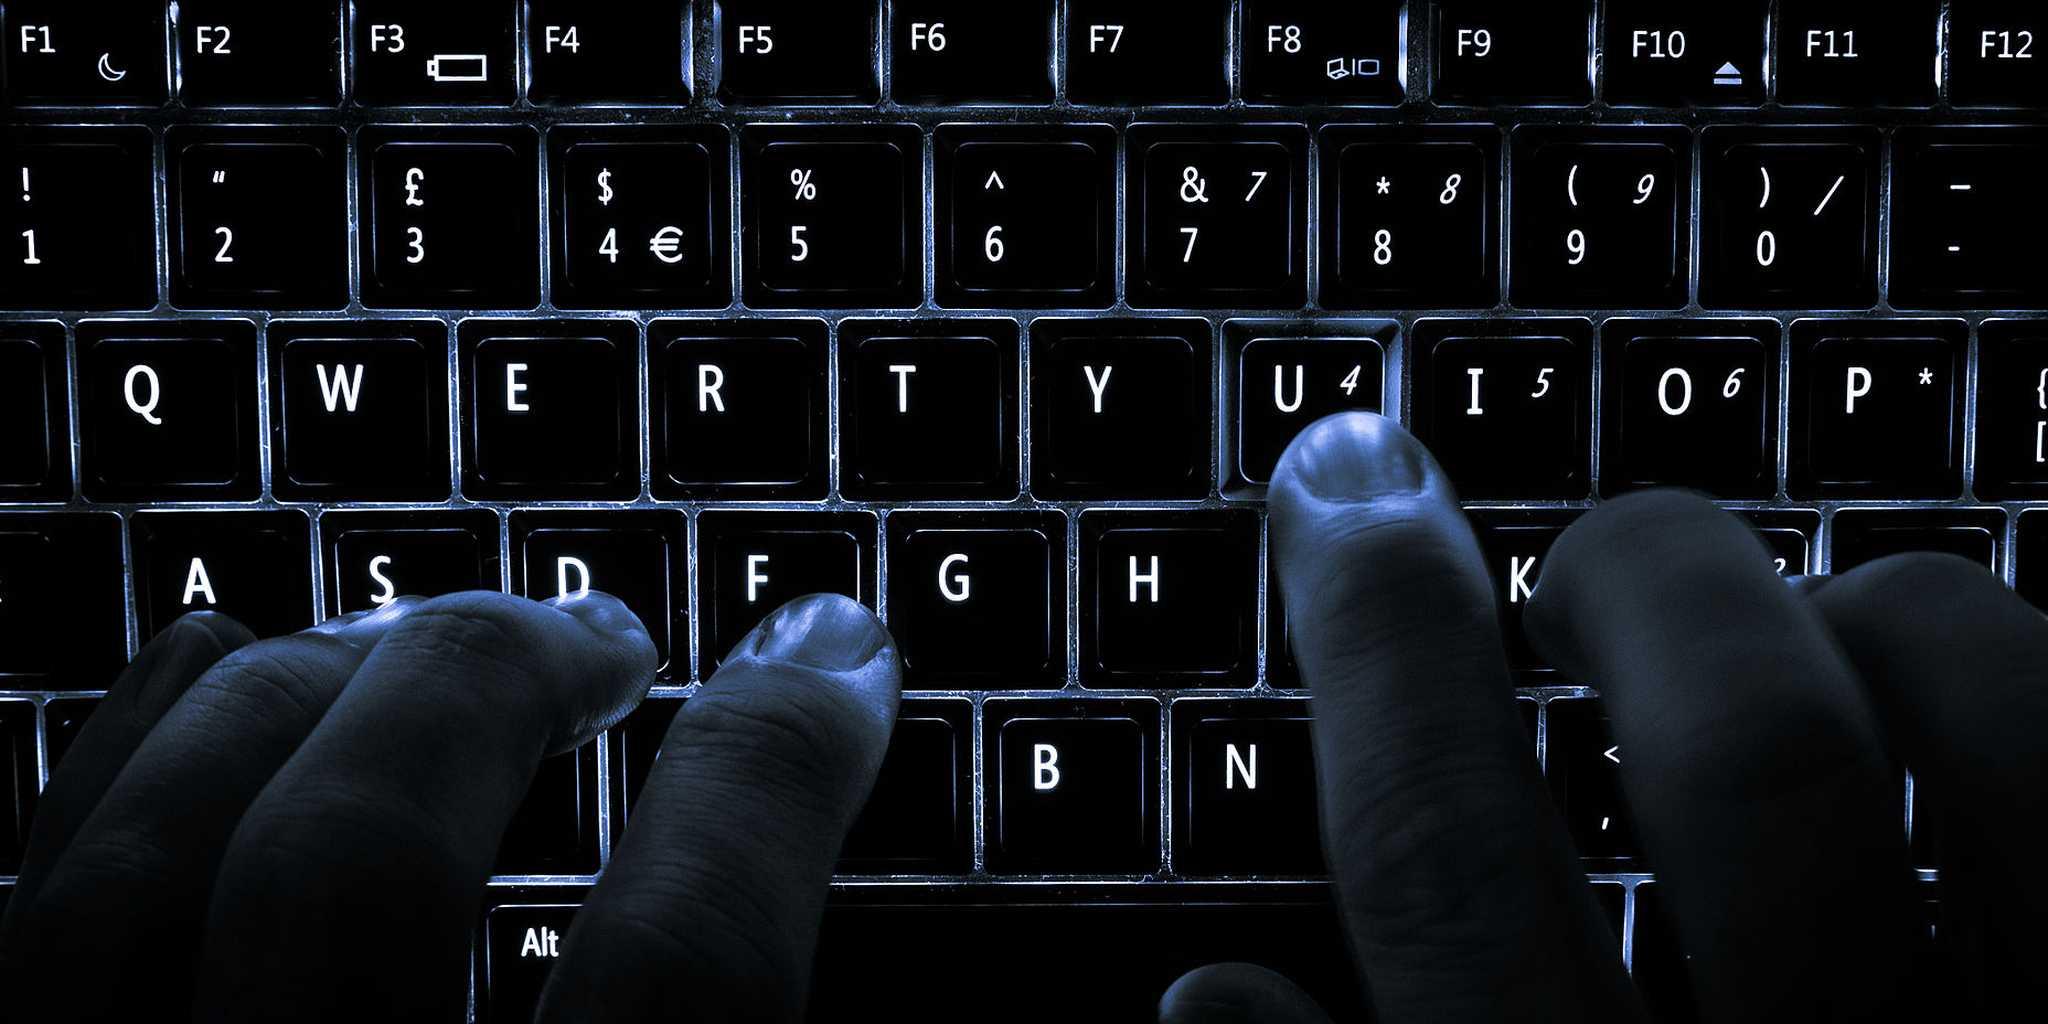 hands typing on backlit keyboard